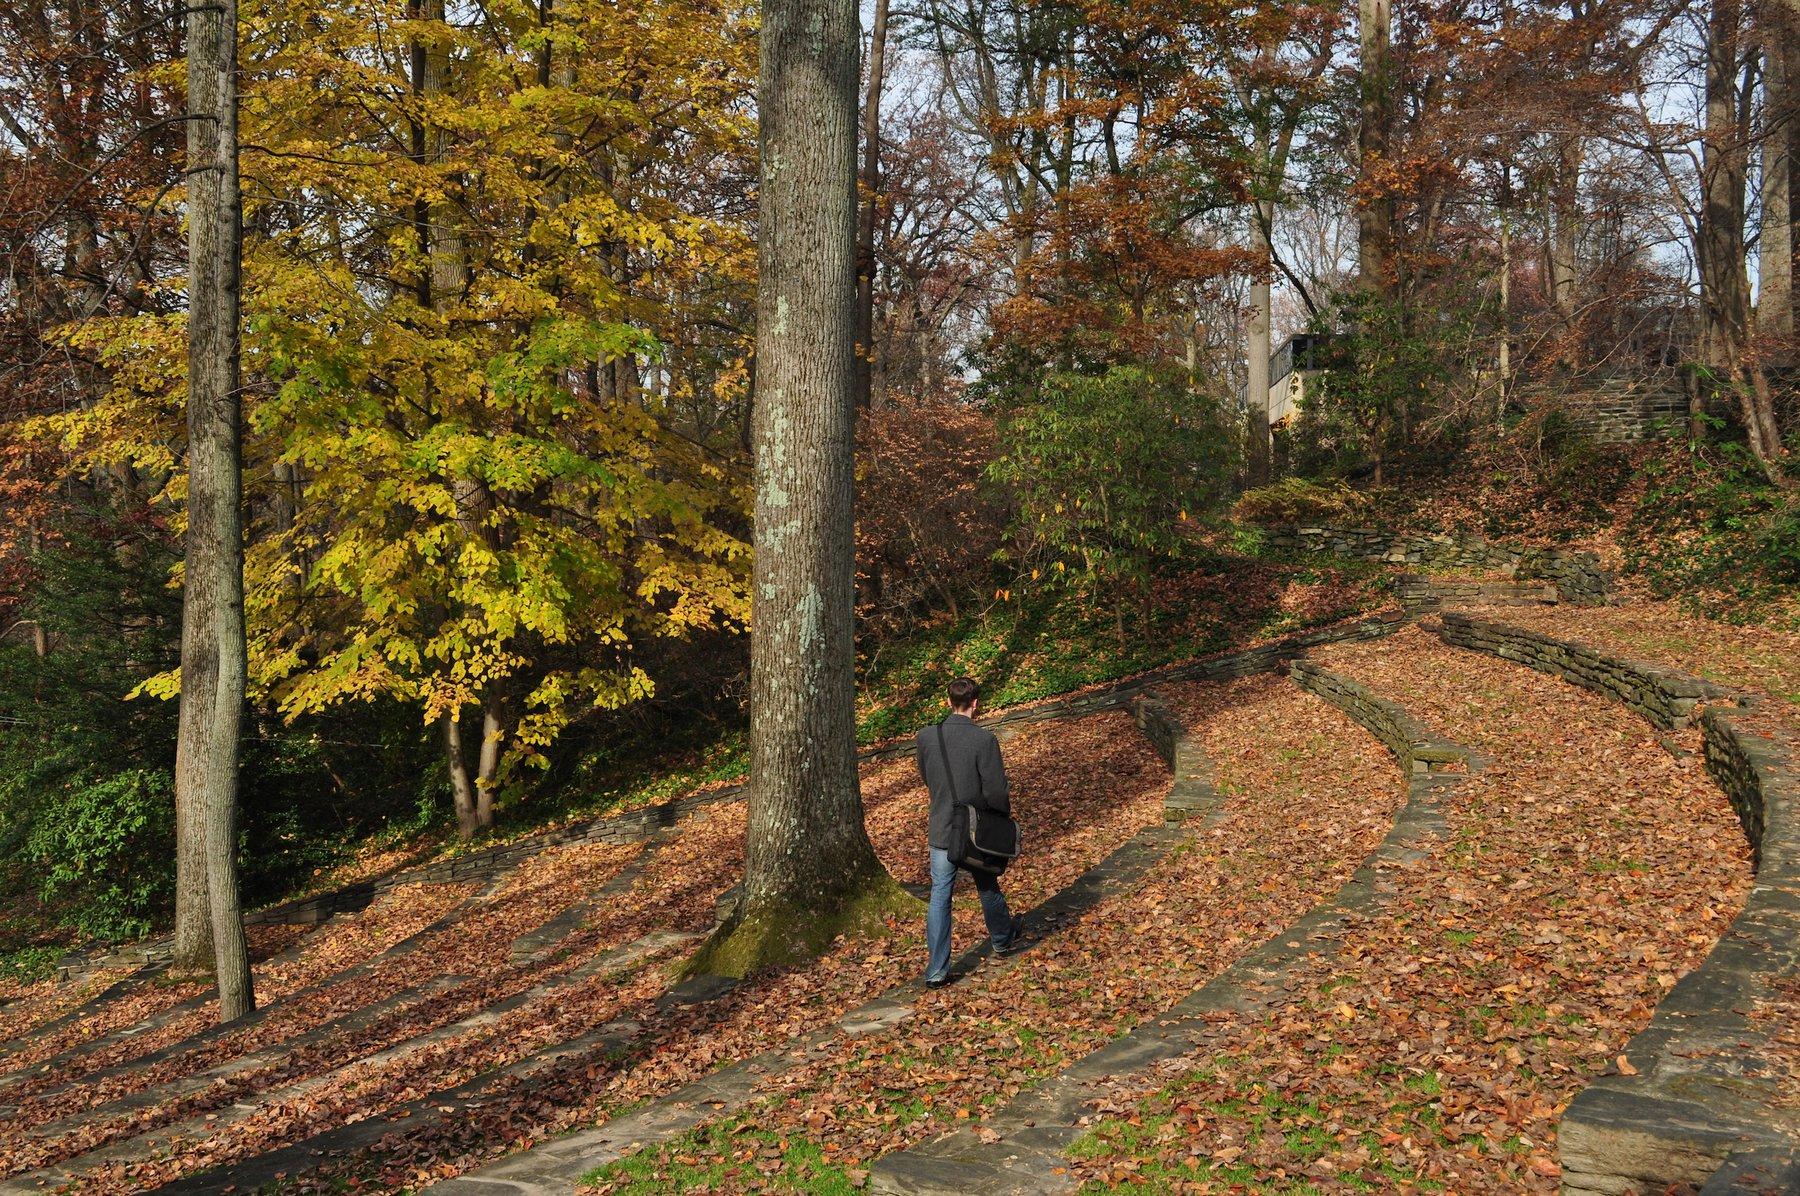 person walking in amphitheater on fallen leaves